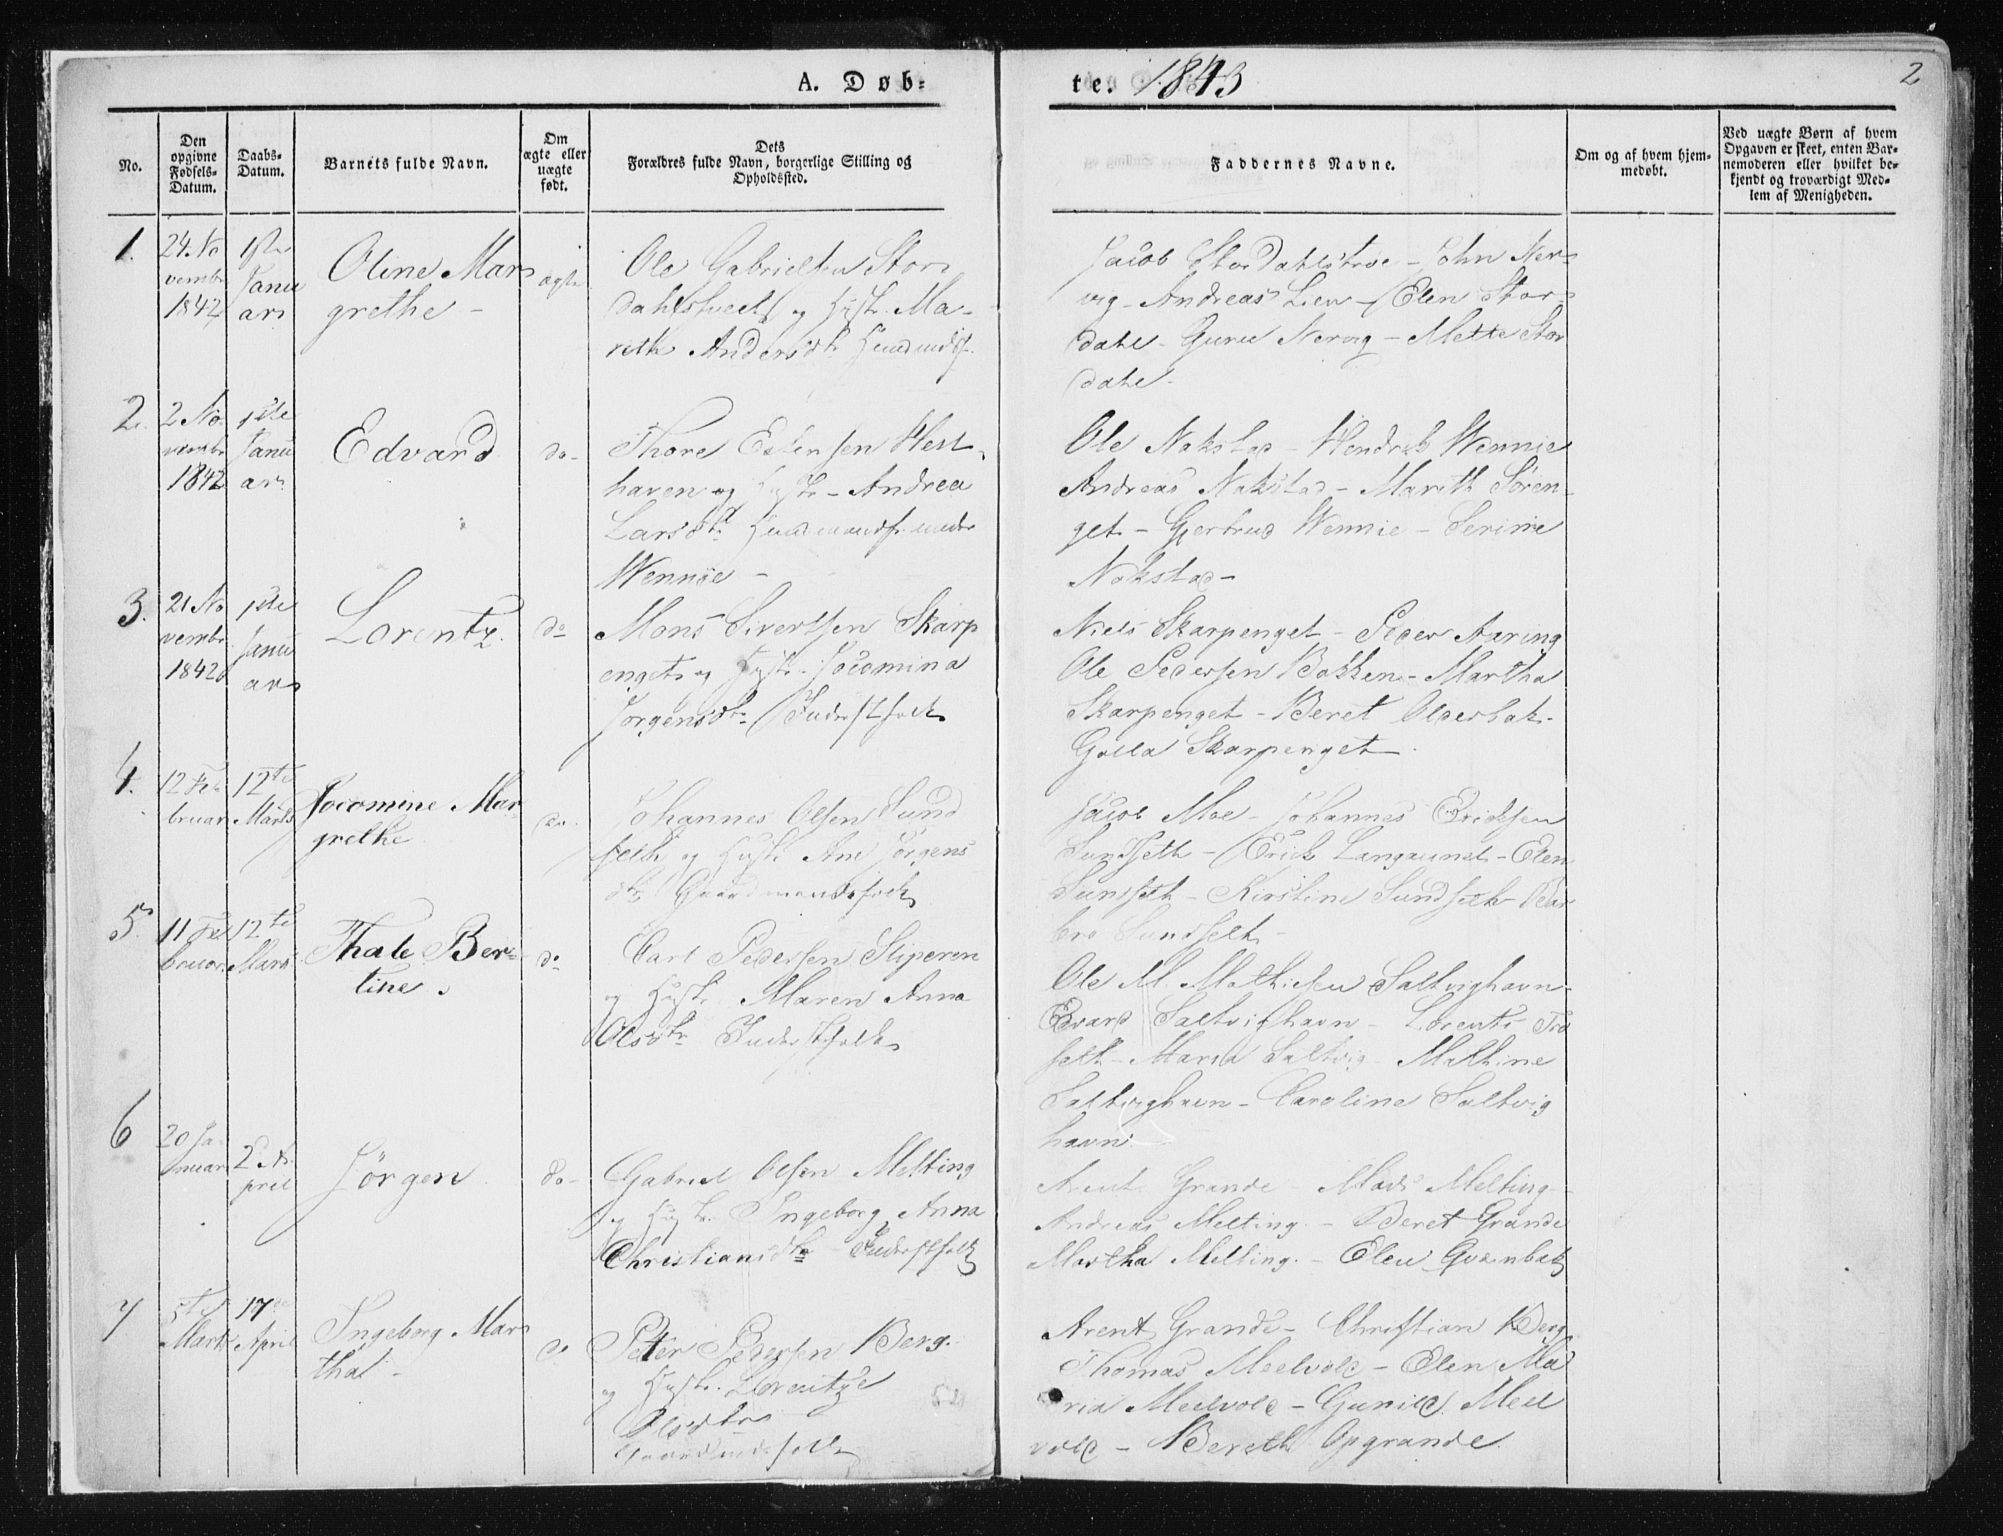 SAT, Ministerialprotokoller, klokkerbøker og fødselsregistre - Nord-Trøndelag, 733/L0323: Ministerialbok nr. 733A02, 1843-1870, s. 2